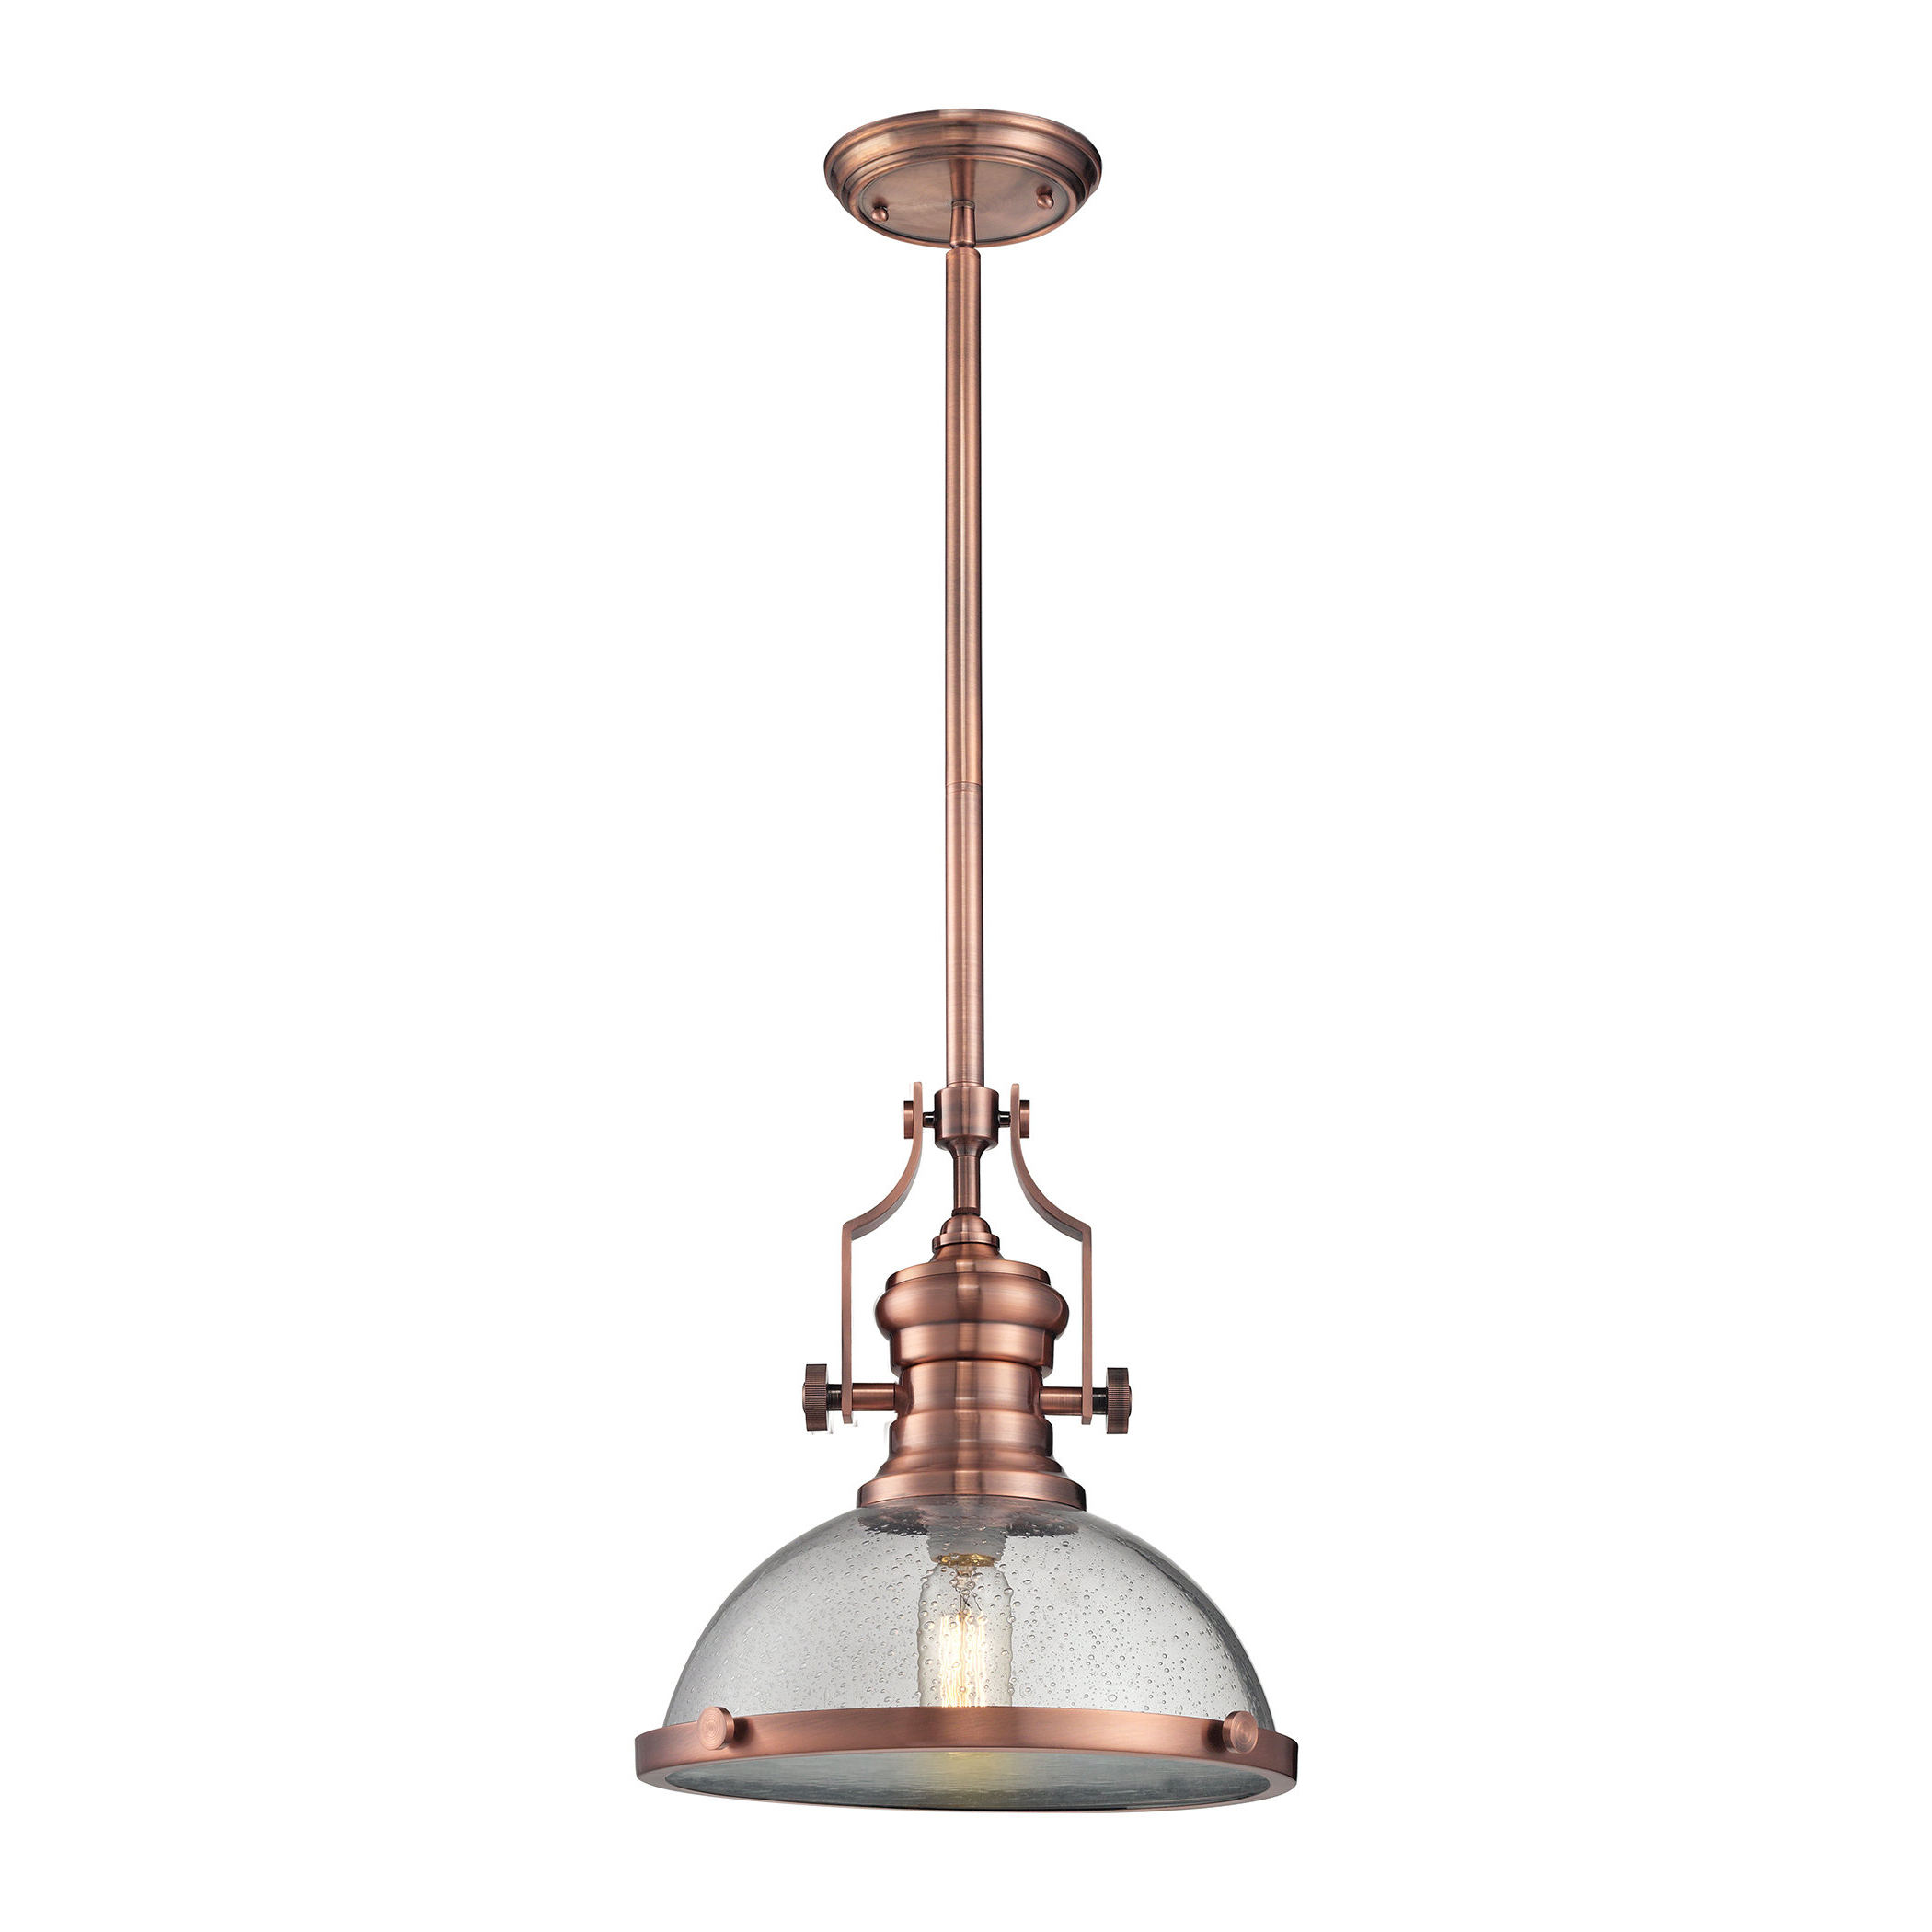 Favorite Priston 1 Light Single Dome Pendant In 1 Light Single Dome Pendants (View 17 of 20)